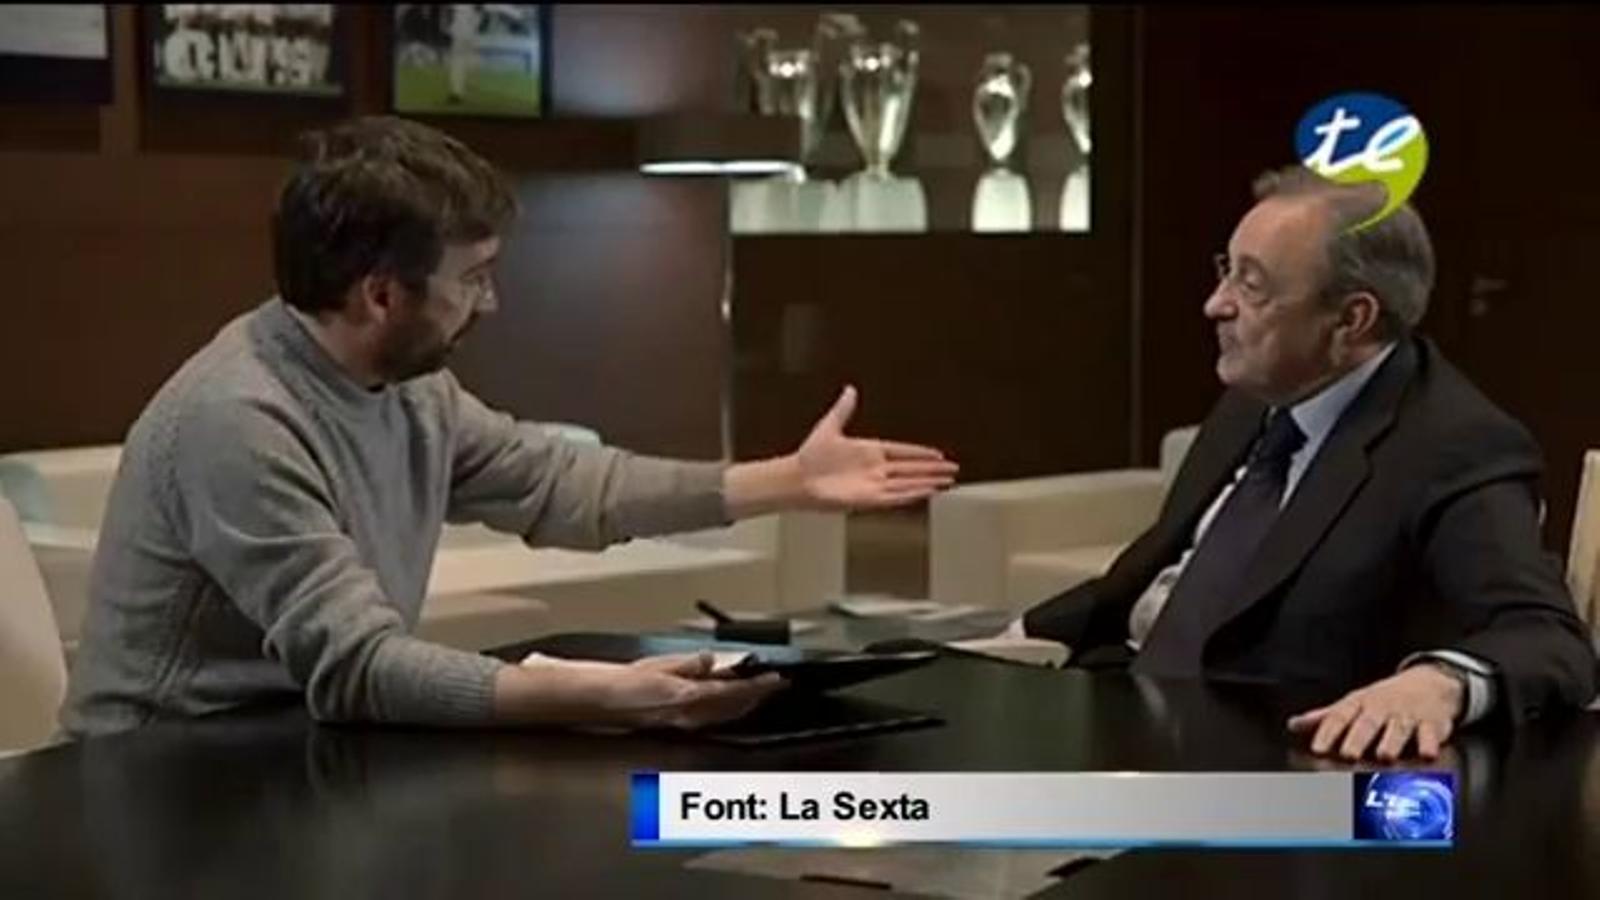 Florentino Pérez minimitza els terratrèmols provocats pel magatzem de gas Castor en una entrevista al Salvados de la Sexta